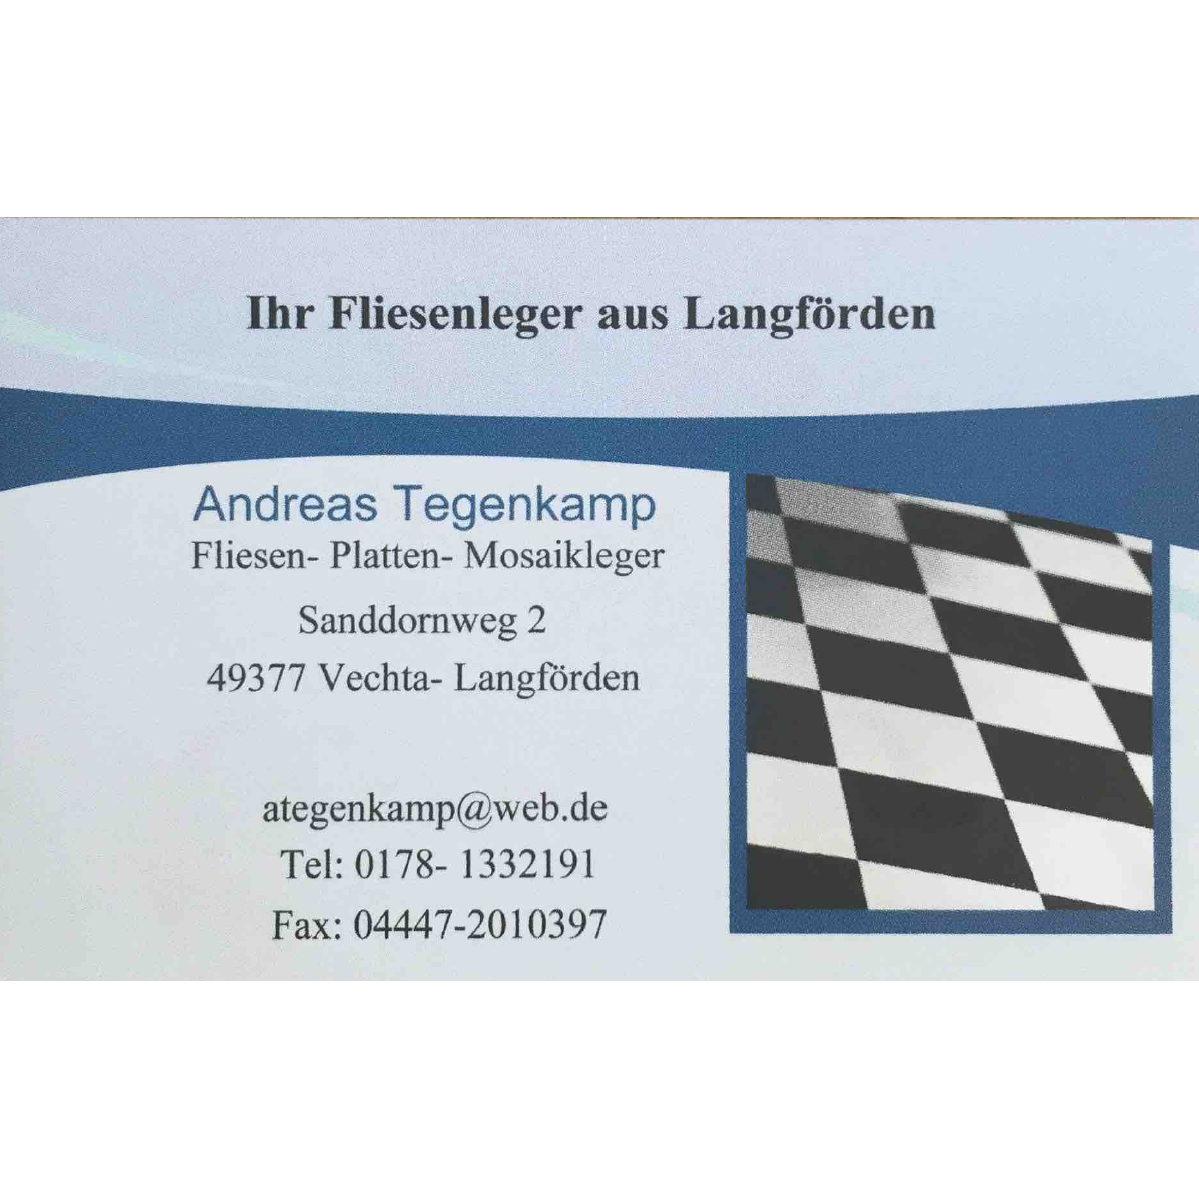 Bodenbel ge vechta stadtbranchenbuch for Fliesen cloppenburg